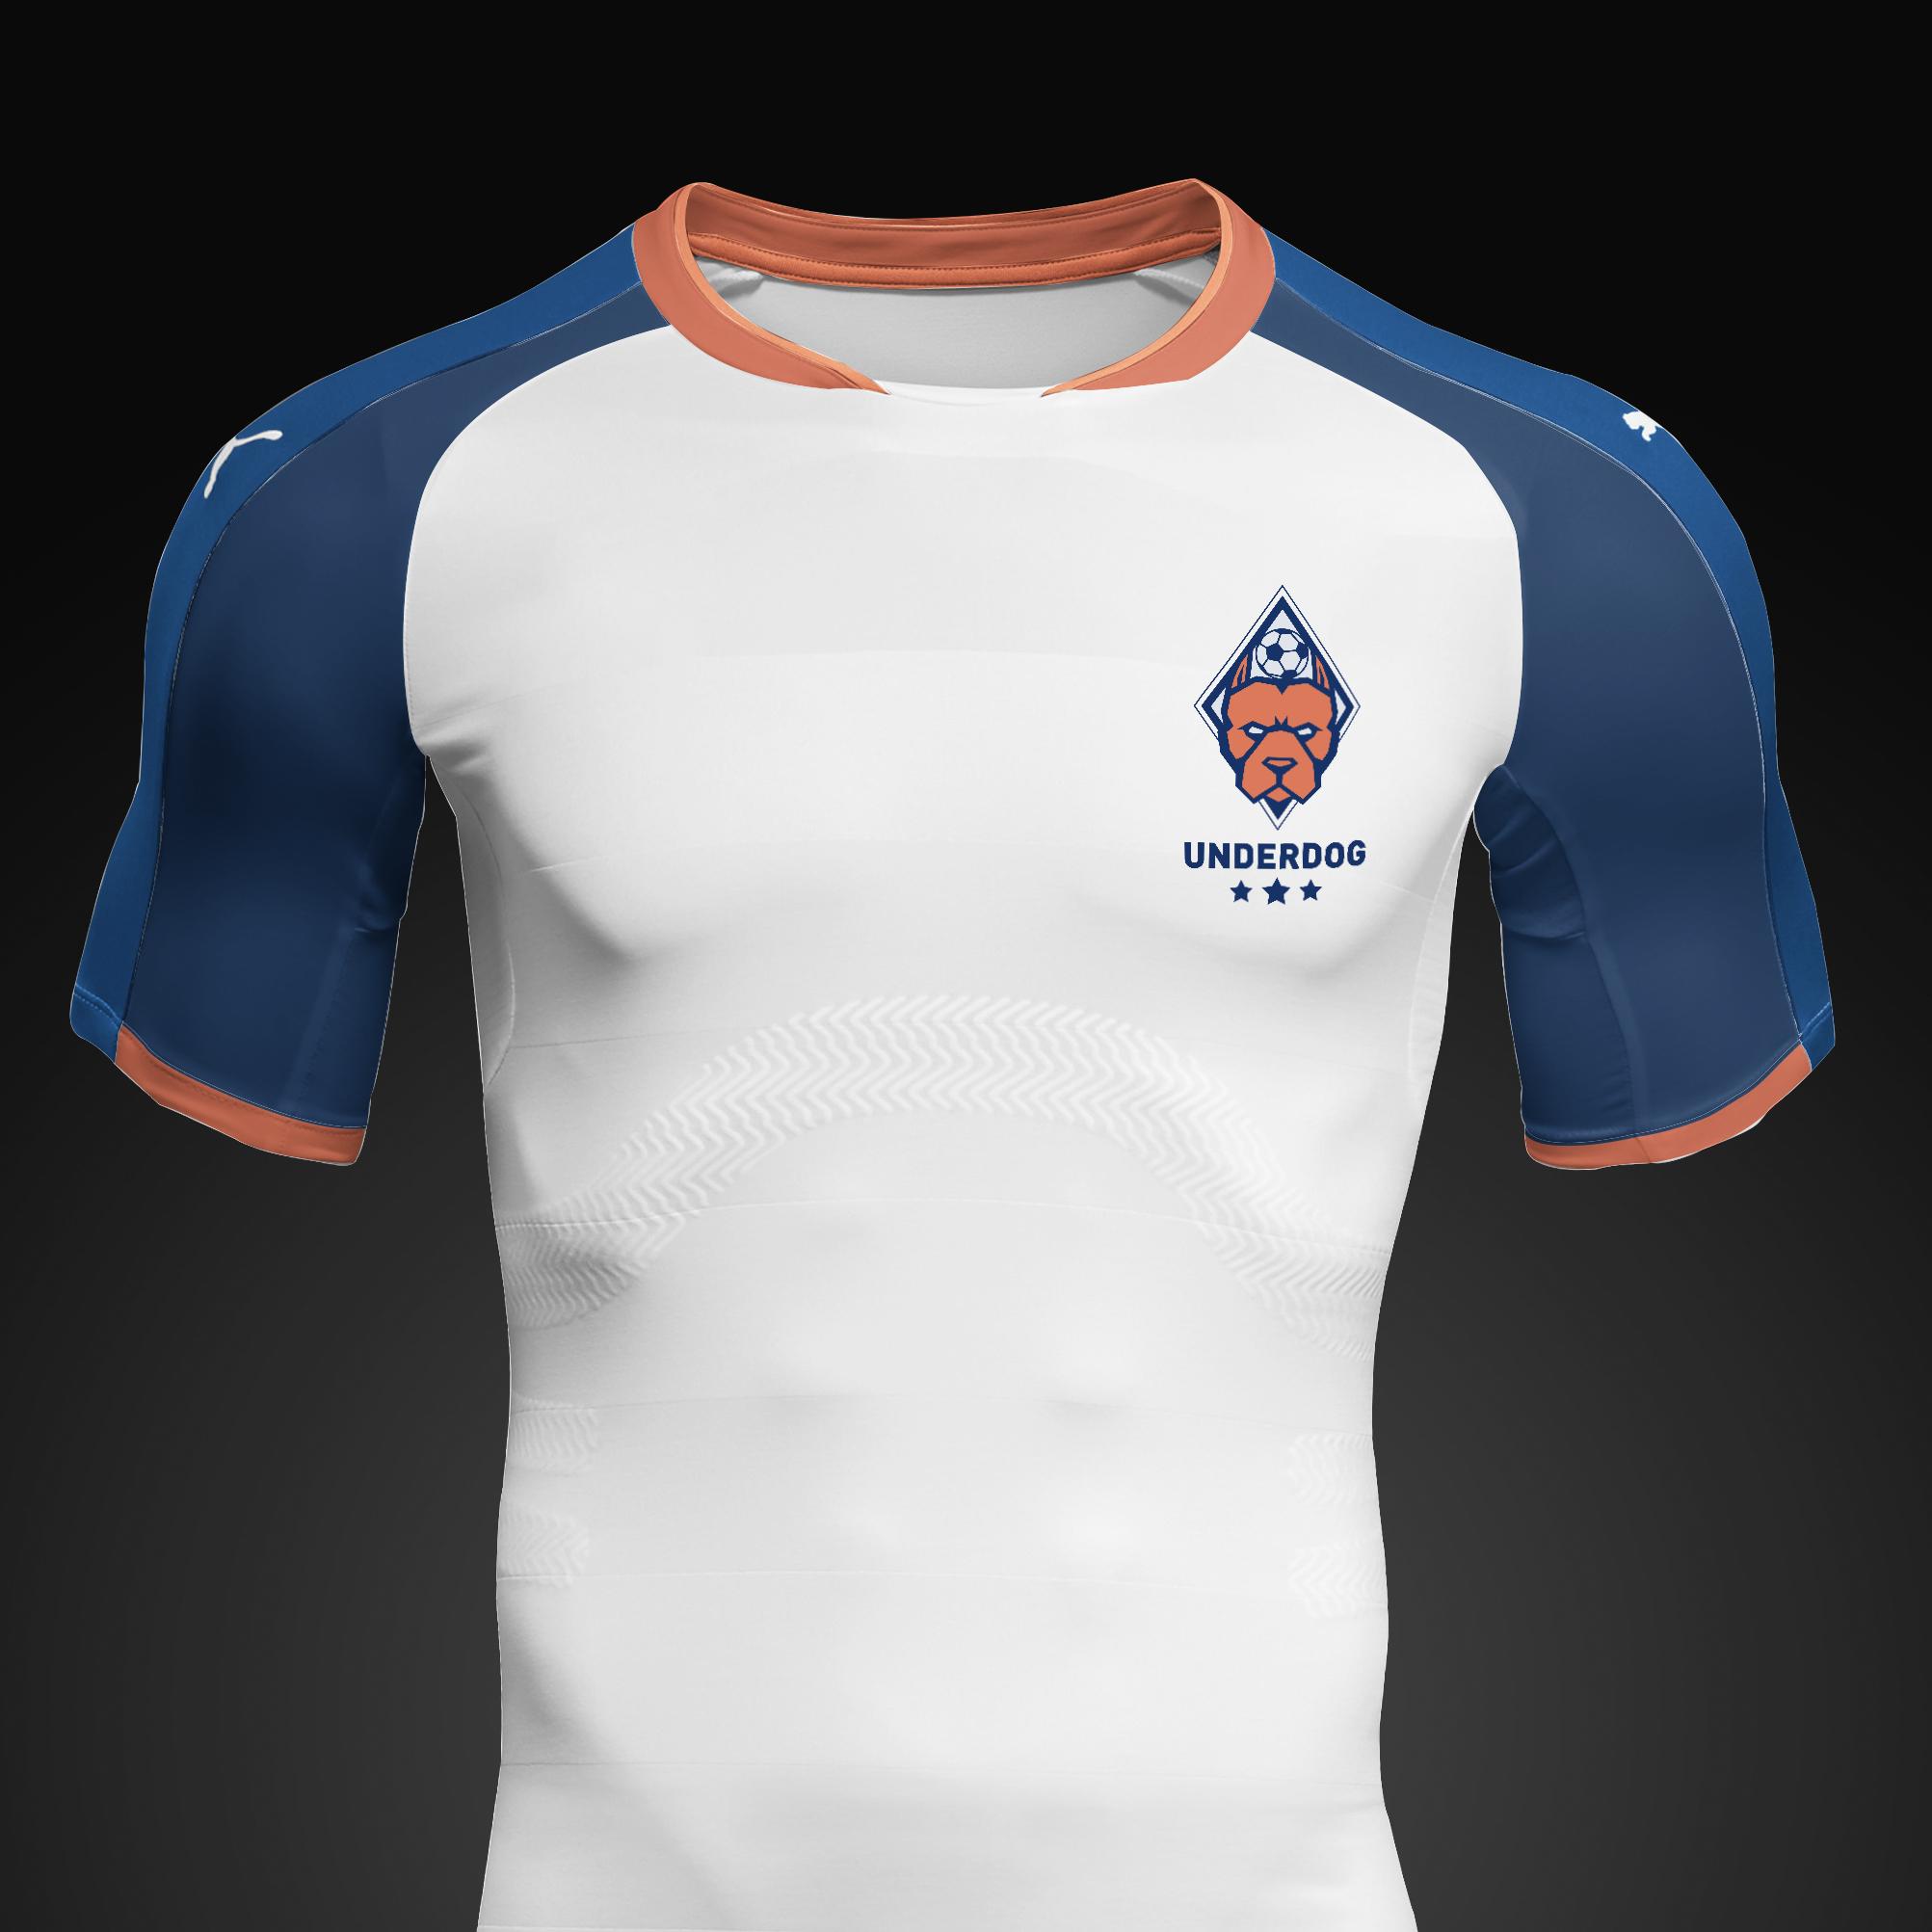 Футбольный клуб UNDERDOG - разработать фирстиль и бренд-бук фото f_8325caf5a543b720.jpg